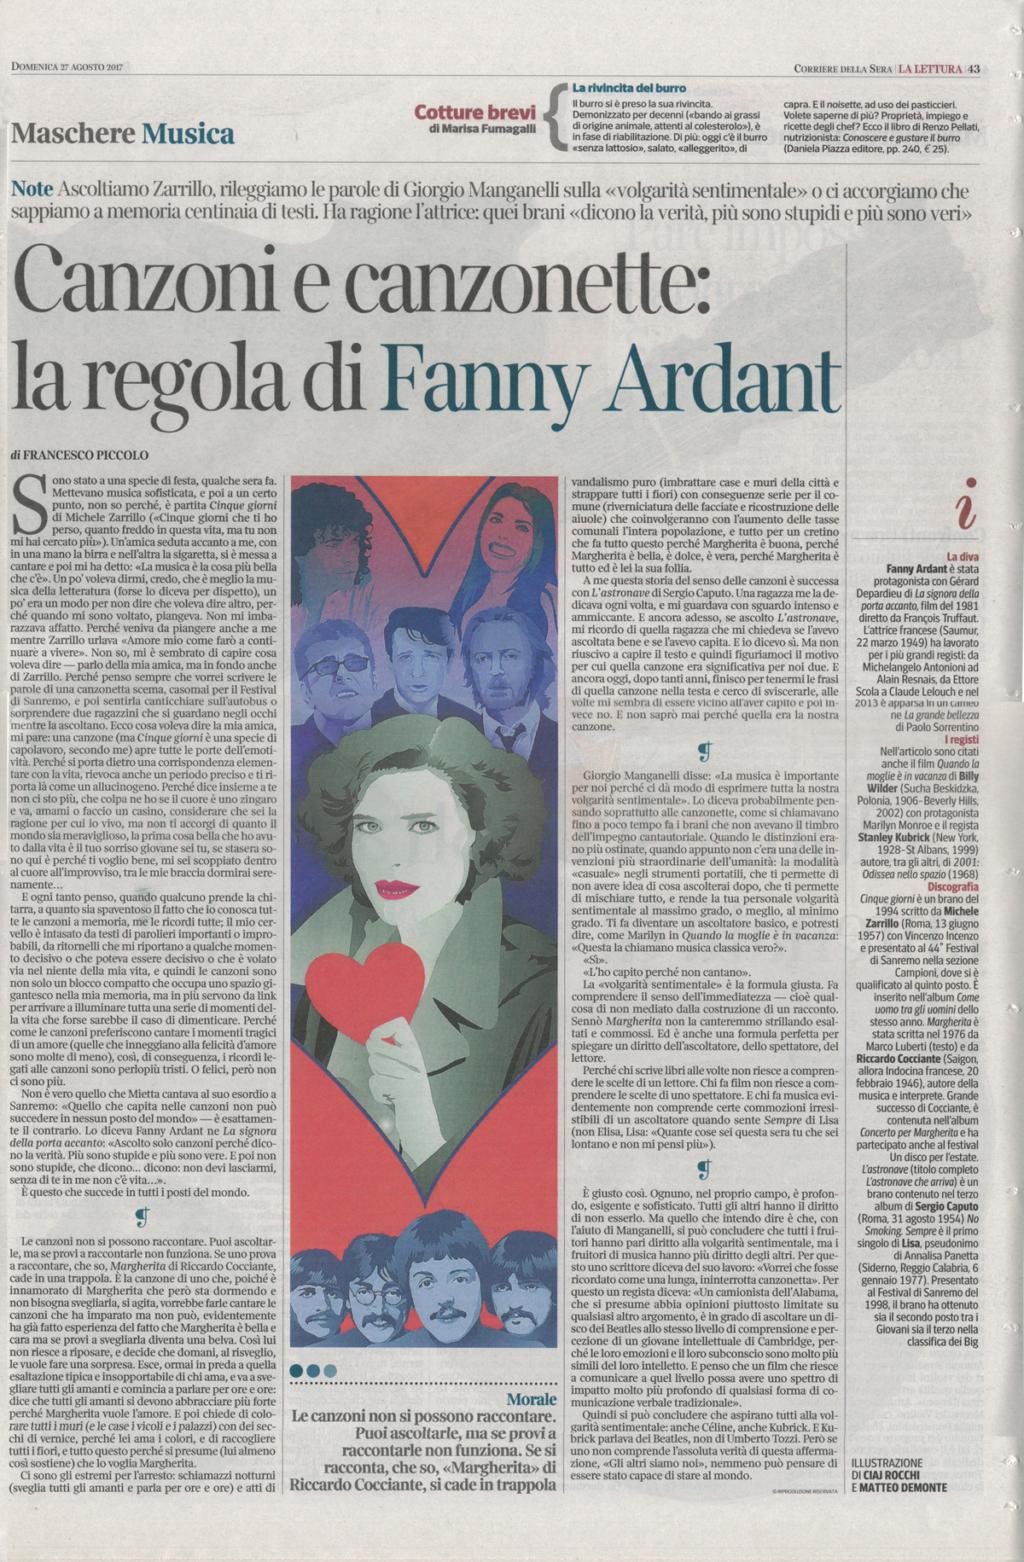 """LIA CECCHIN Francesco Piccolo, """"Canzoni e canzonette: la regola di Fanny Ardant"""", La Lettura (Corriere della Sera), 27 agosto 2017, p.43"""